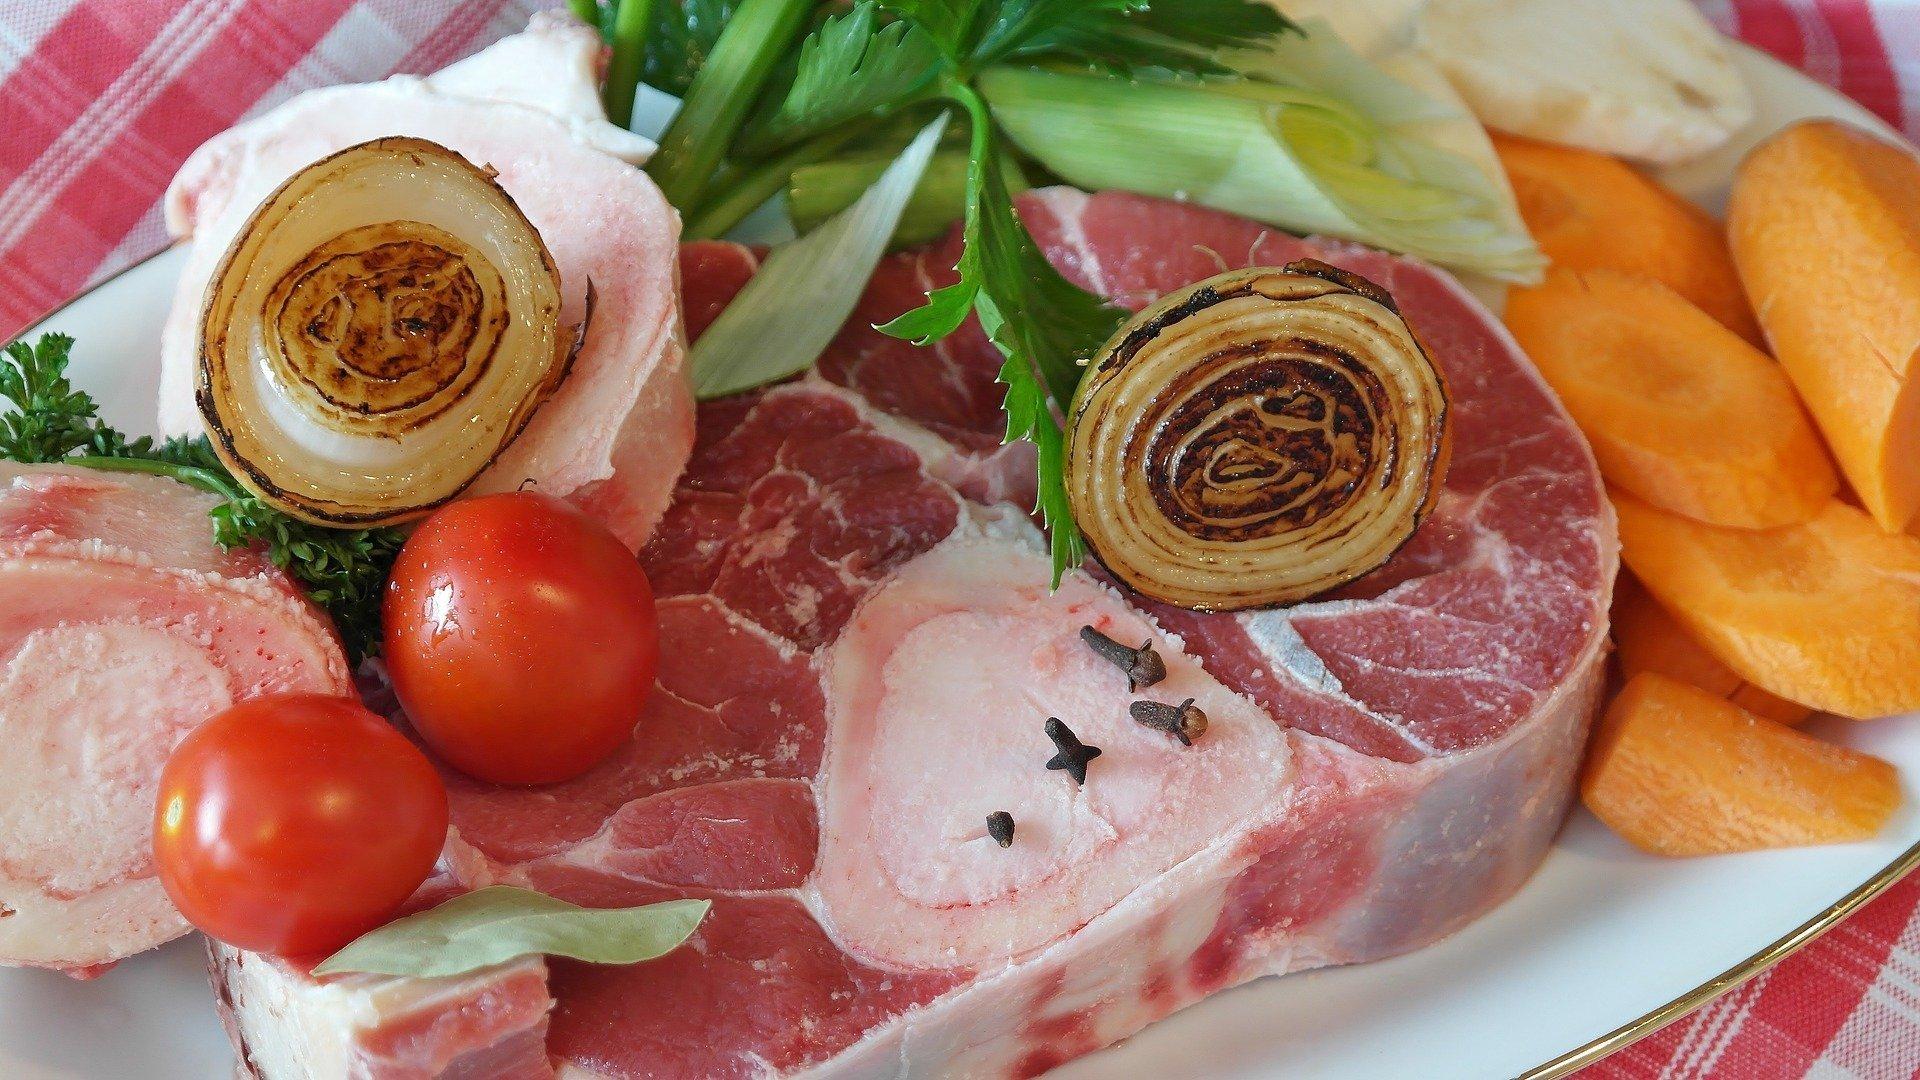 Knochenmark und Knochenbrühe sind natürliche Lebensmittel mit Kollagen